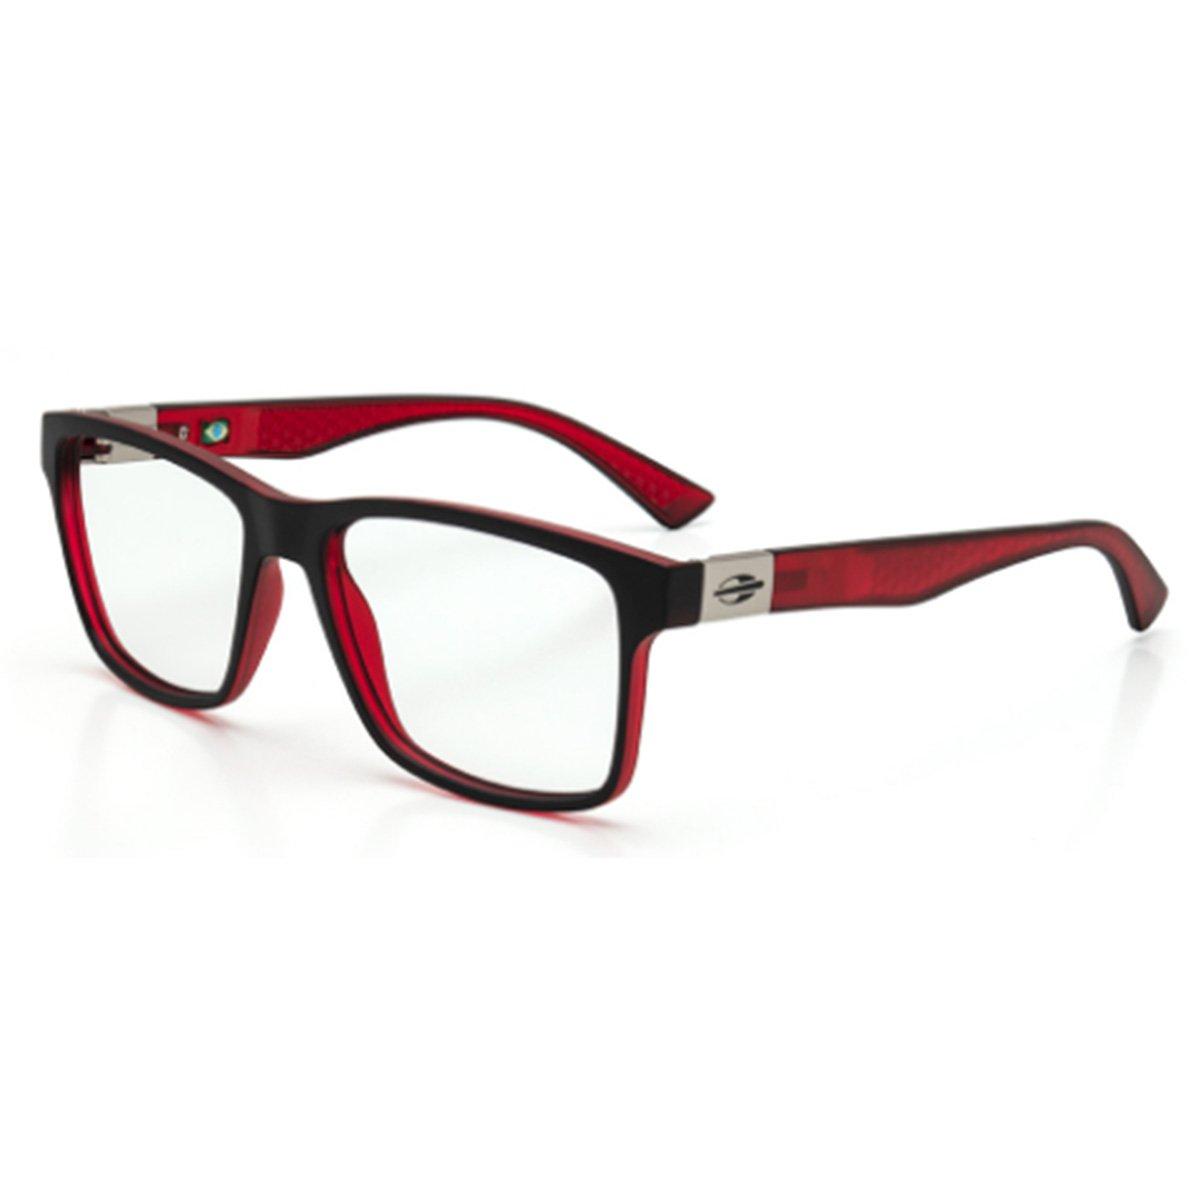 5b781fe84dbc5 Compre Óculos de Grau Mormaii Moscou em 10X